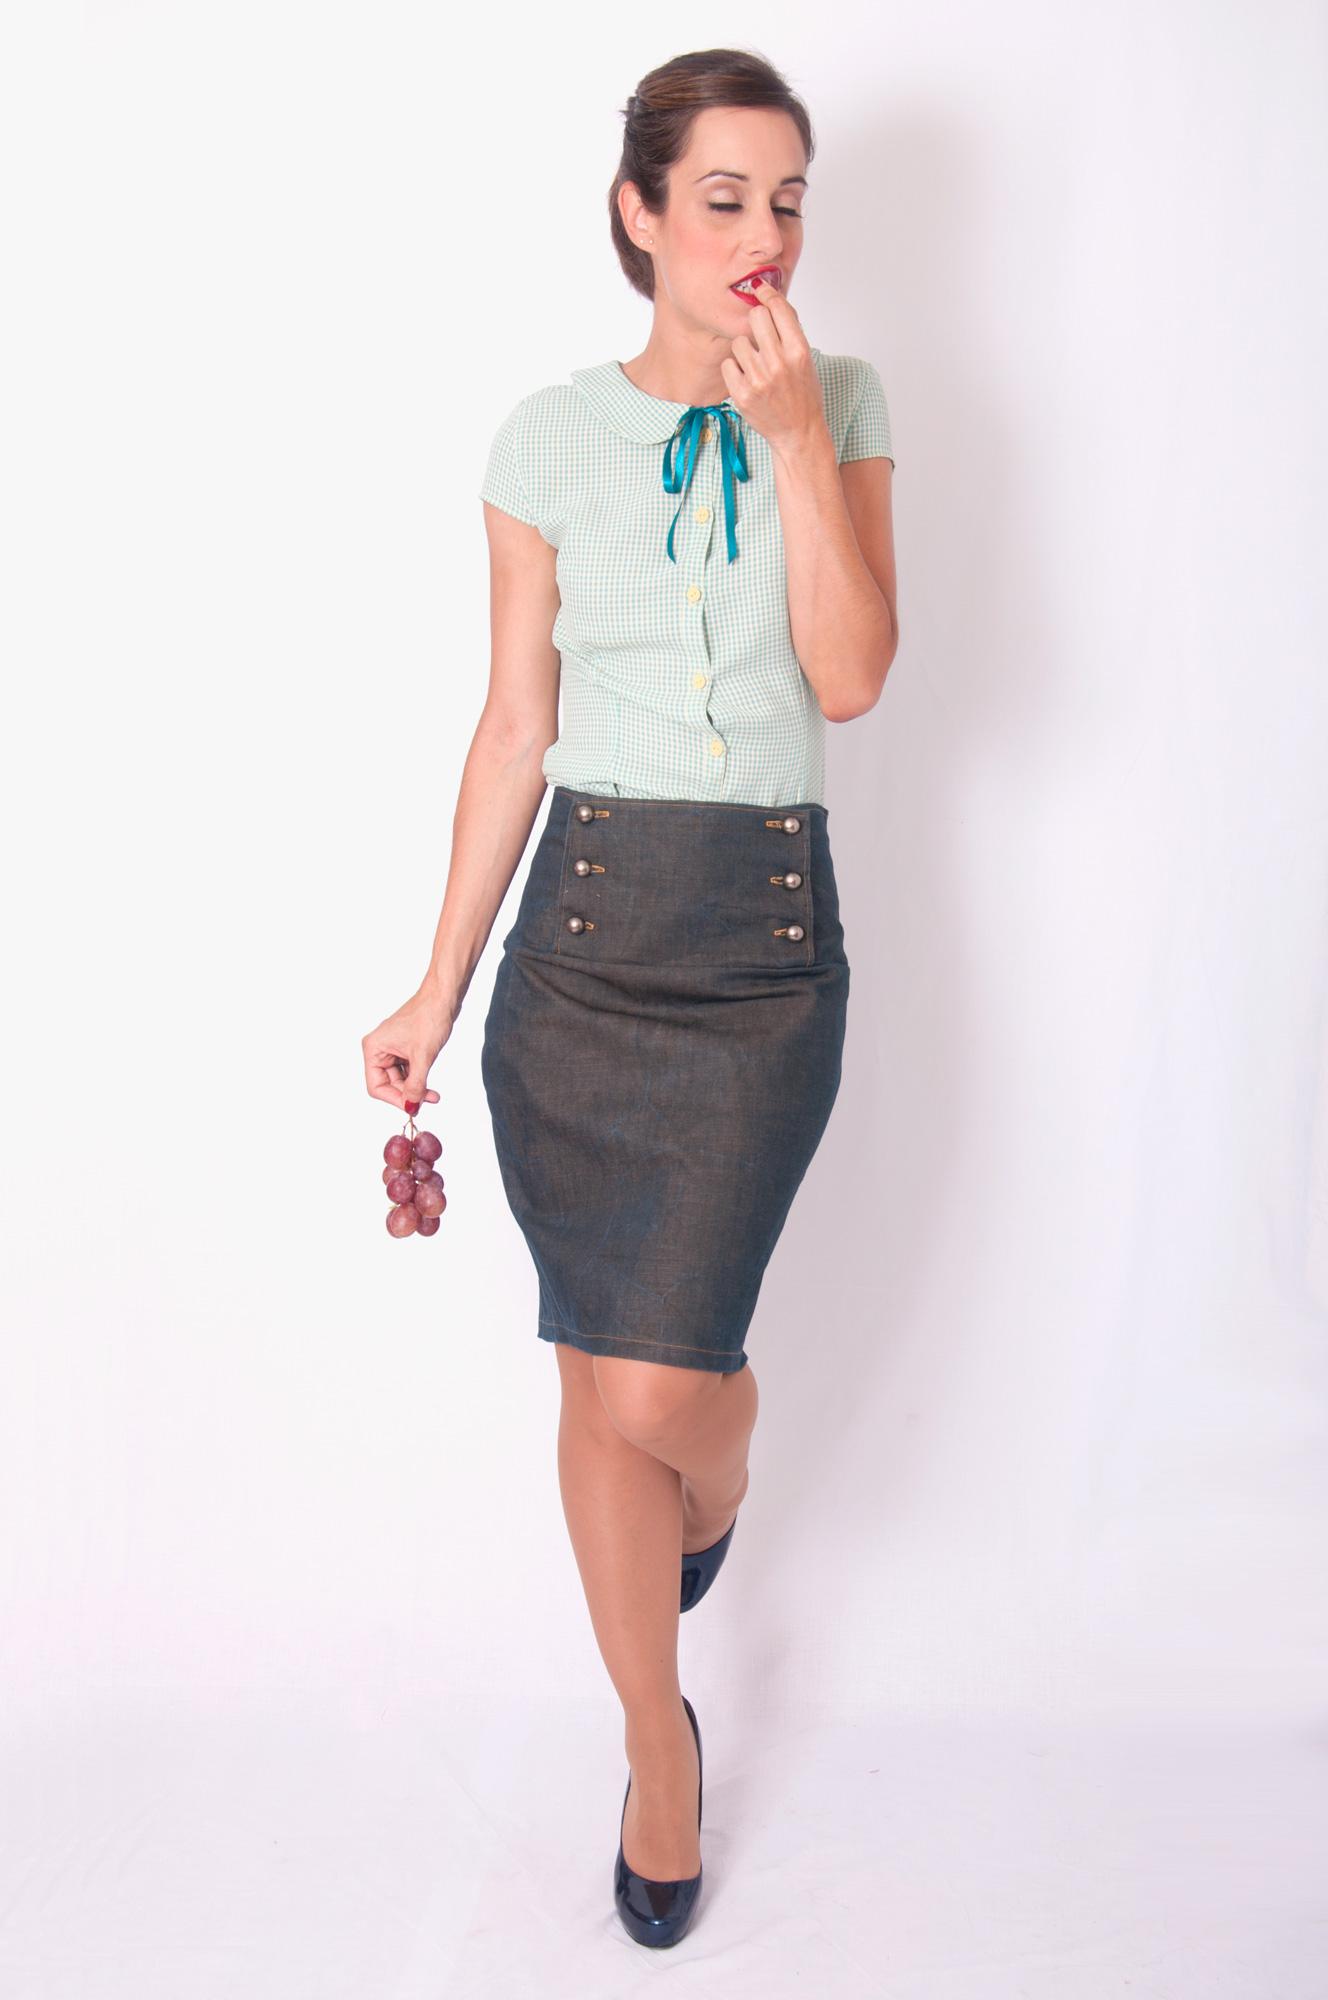 Falda negra en tienda de ropa 1 - 3 part 10